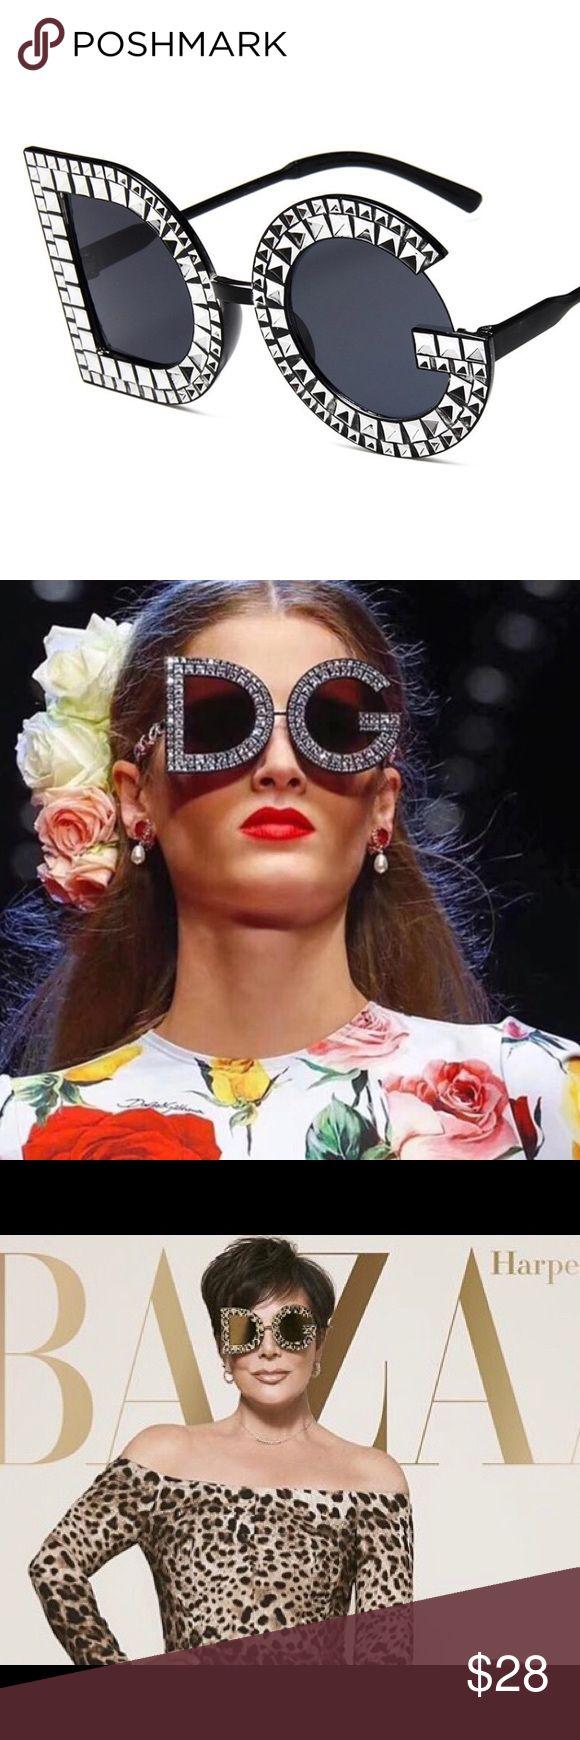 DG – Sonnenbrillen – 2019 Modische Sonnenbrillen Brandneues Zubehör Sonnenbrillen …